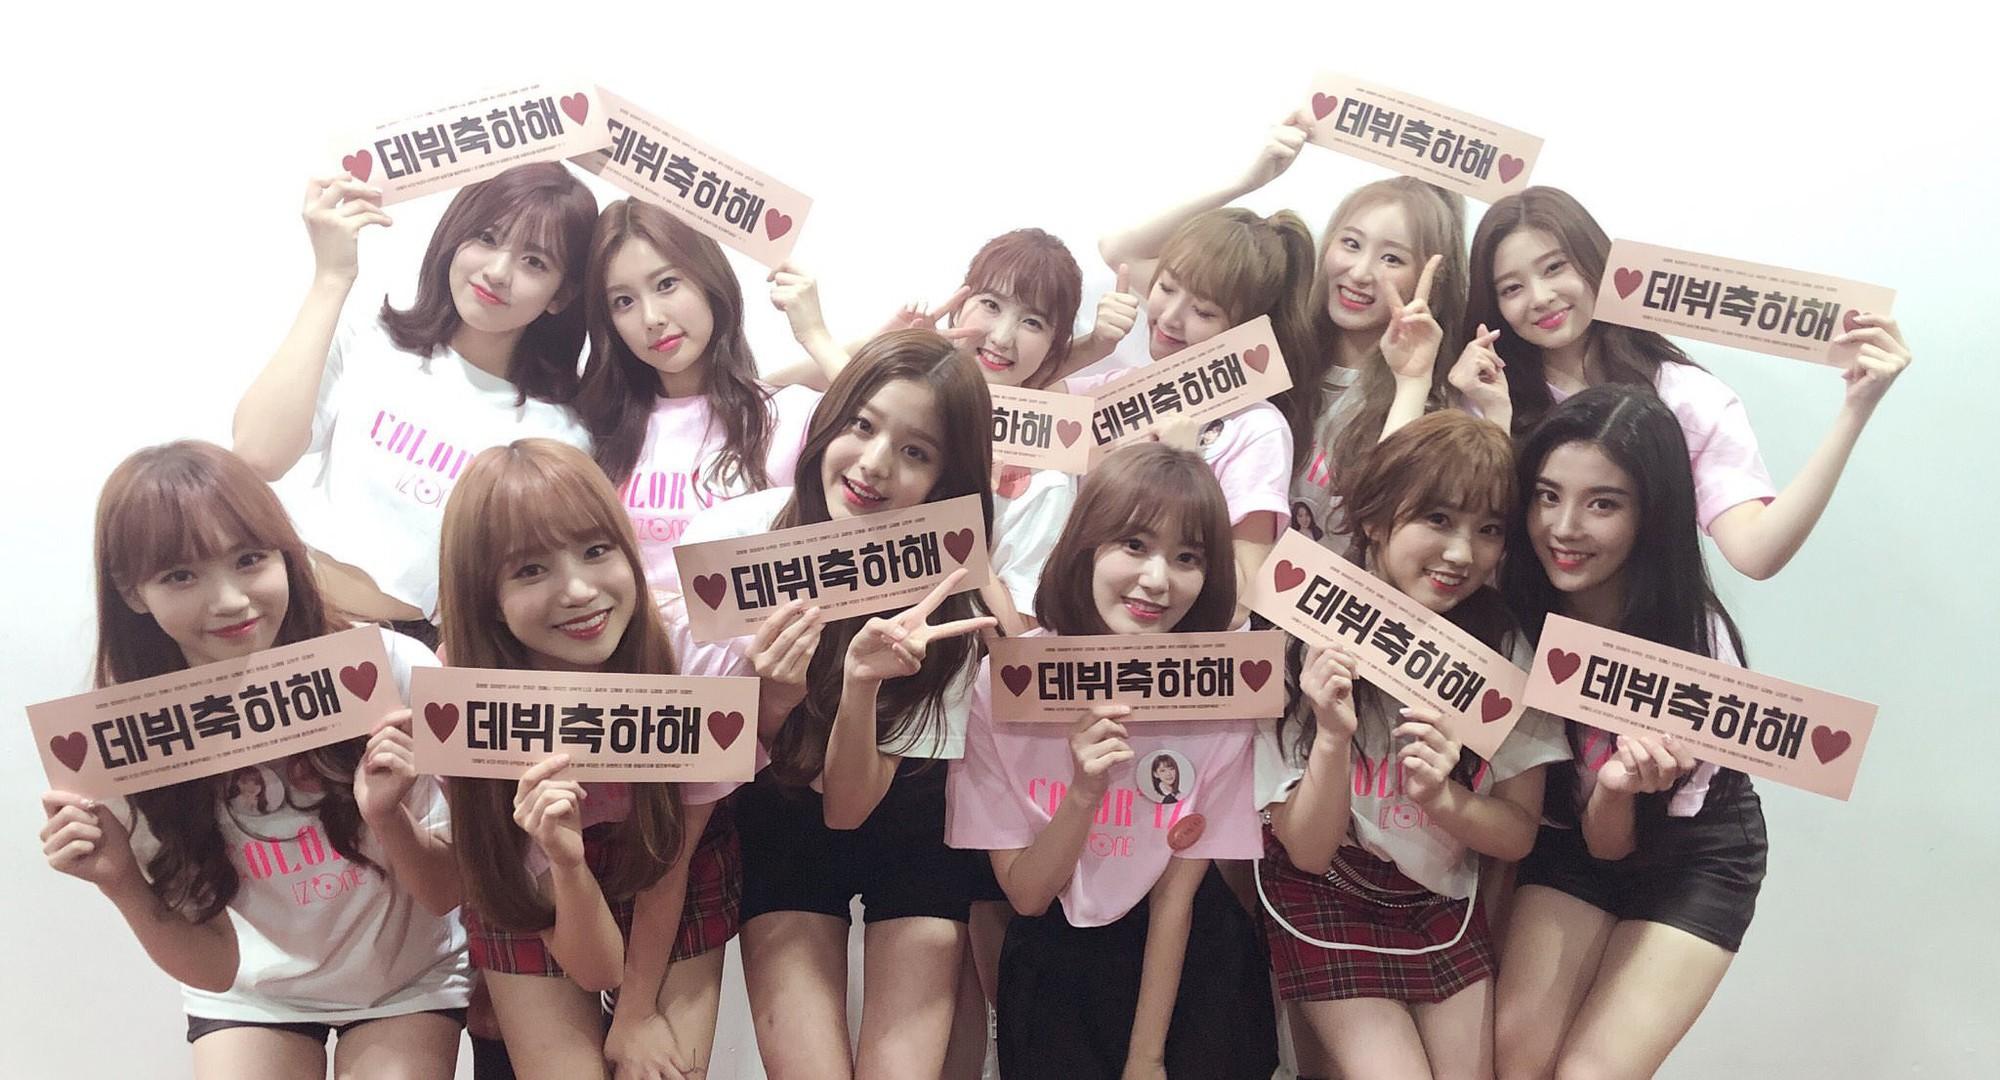 Vấn nạn kỳ thị idol ngoại quốc tại showbiz Hàn: Quá nhiều góc khuất, tương lai nào cho thần tượng đến từ nước ngoài? - Ảnh 10.